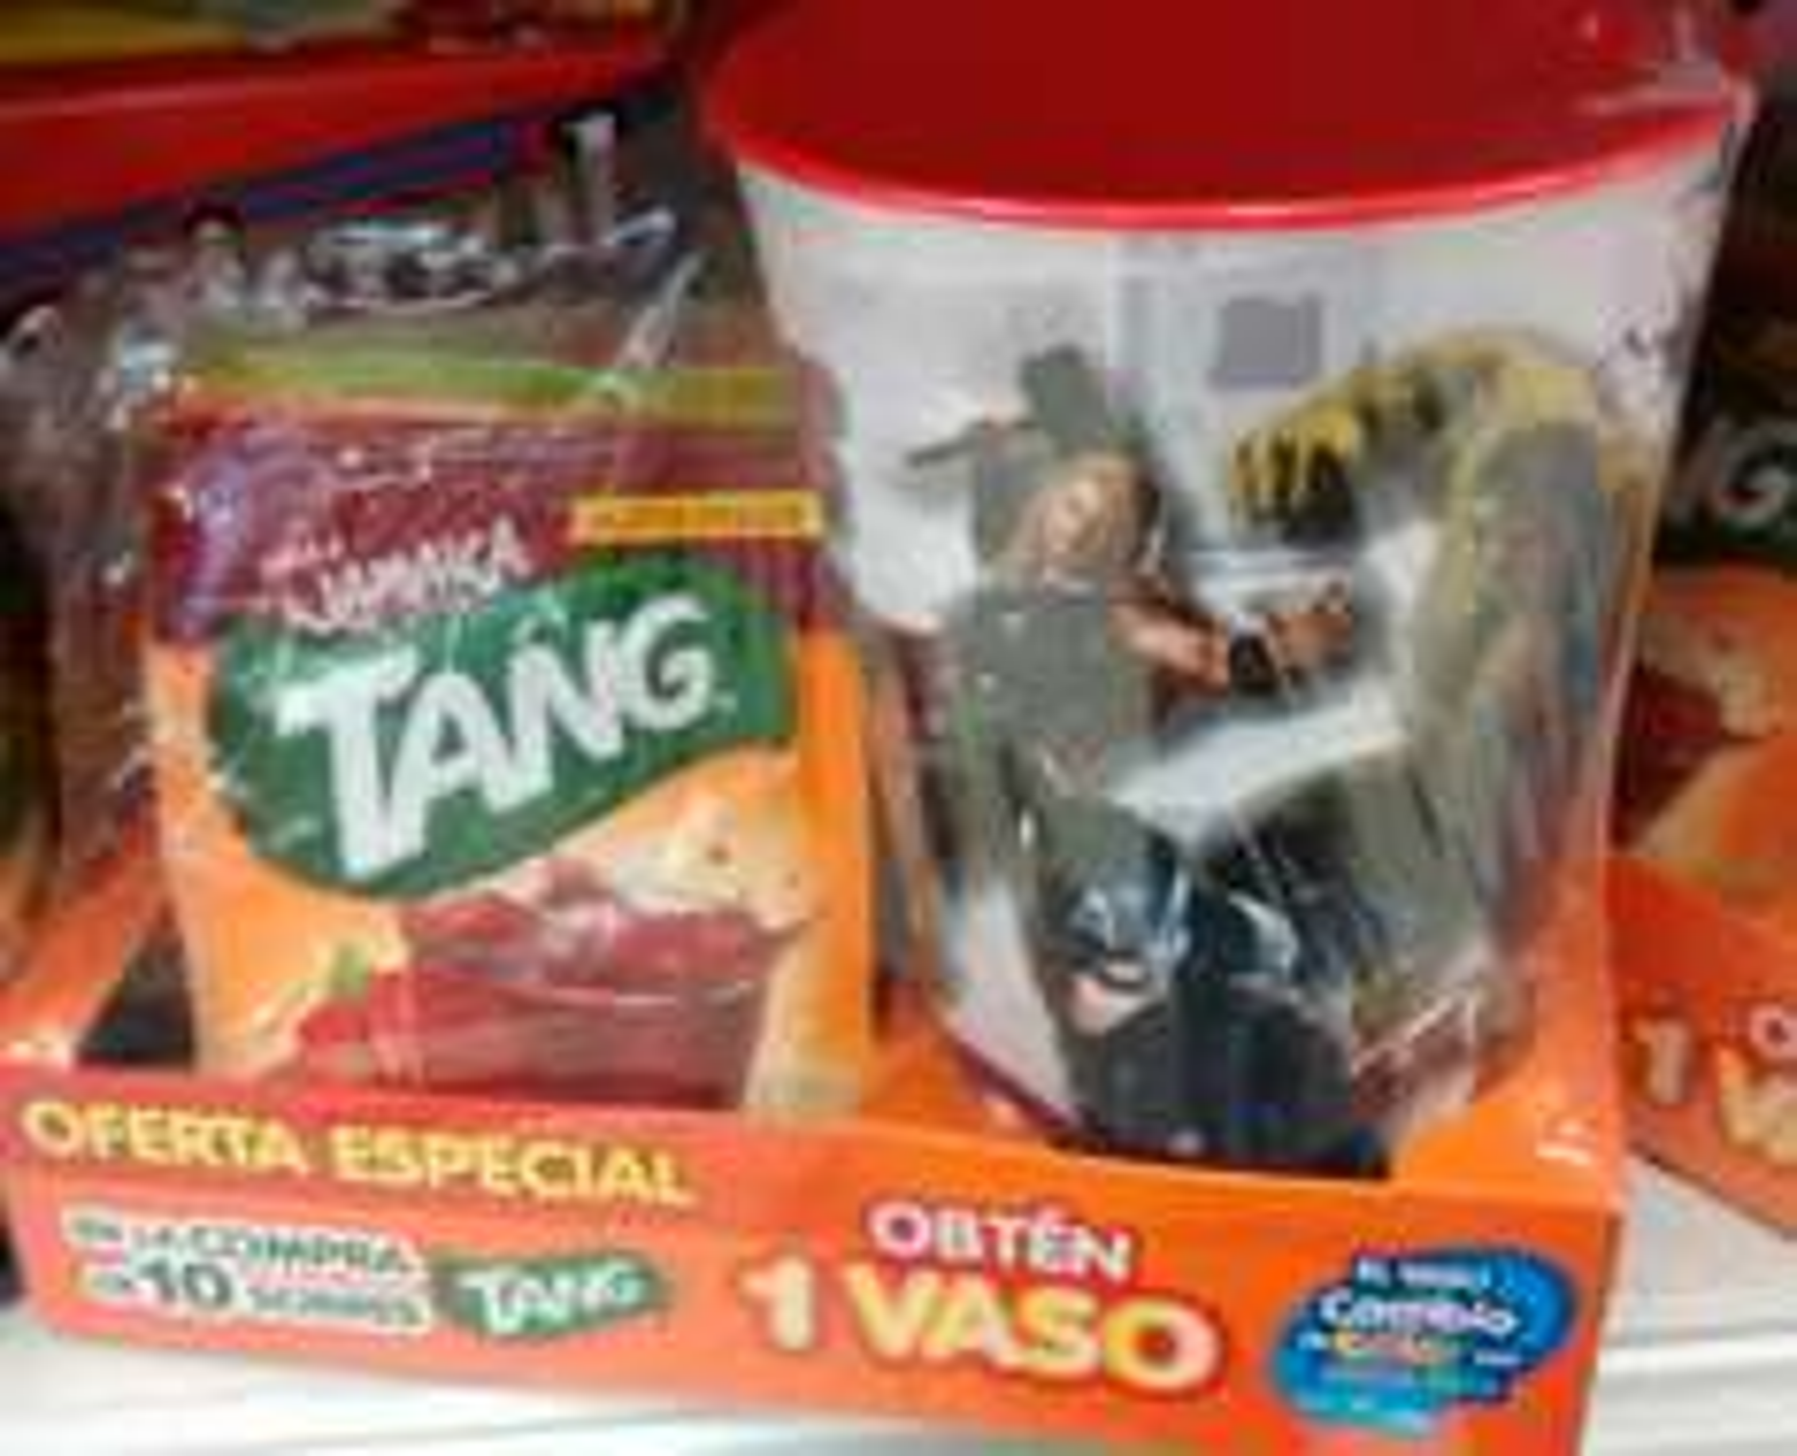 Soriana: 10 sobres de TANG + Vaso Grande de Avengers Gratis.